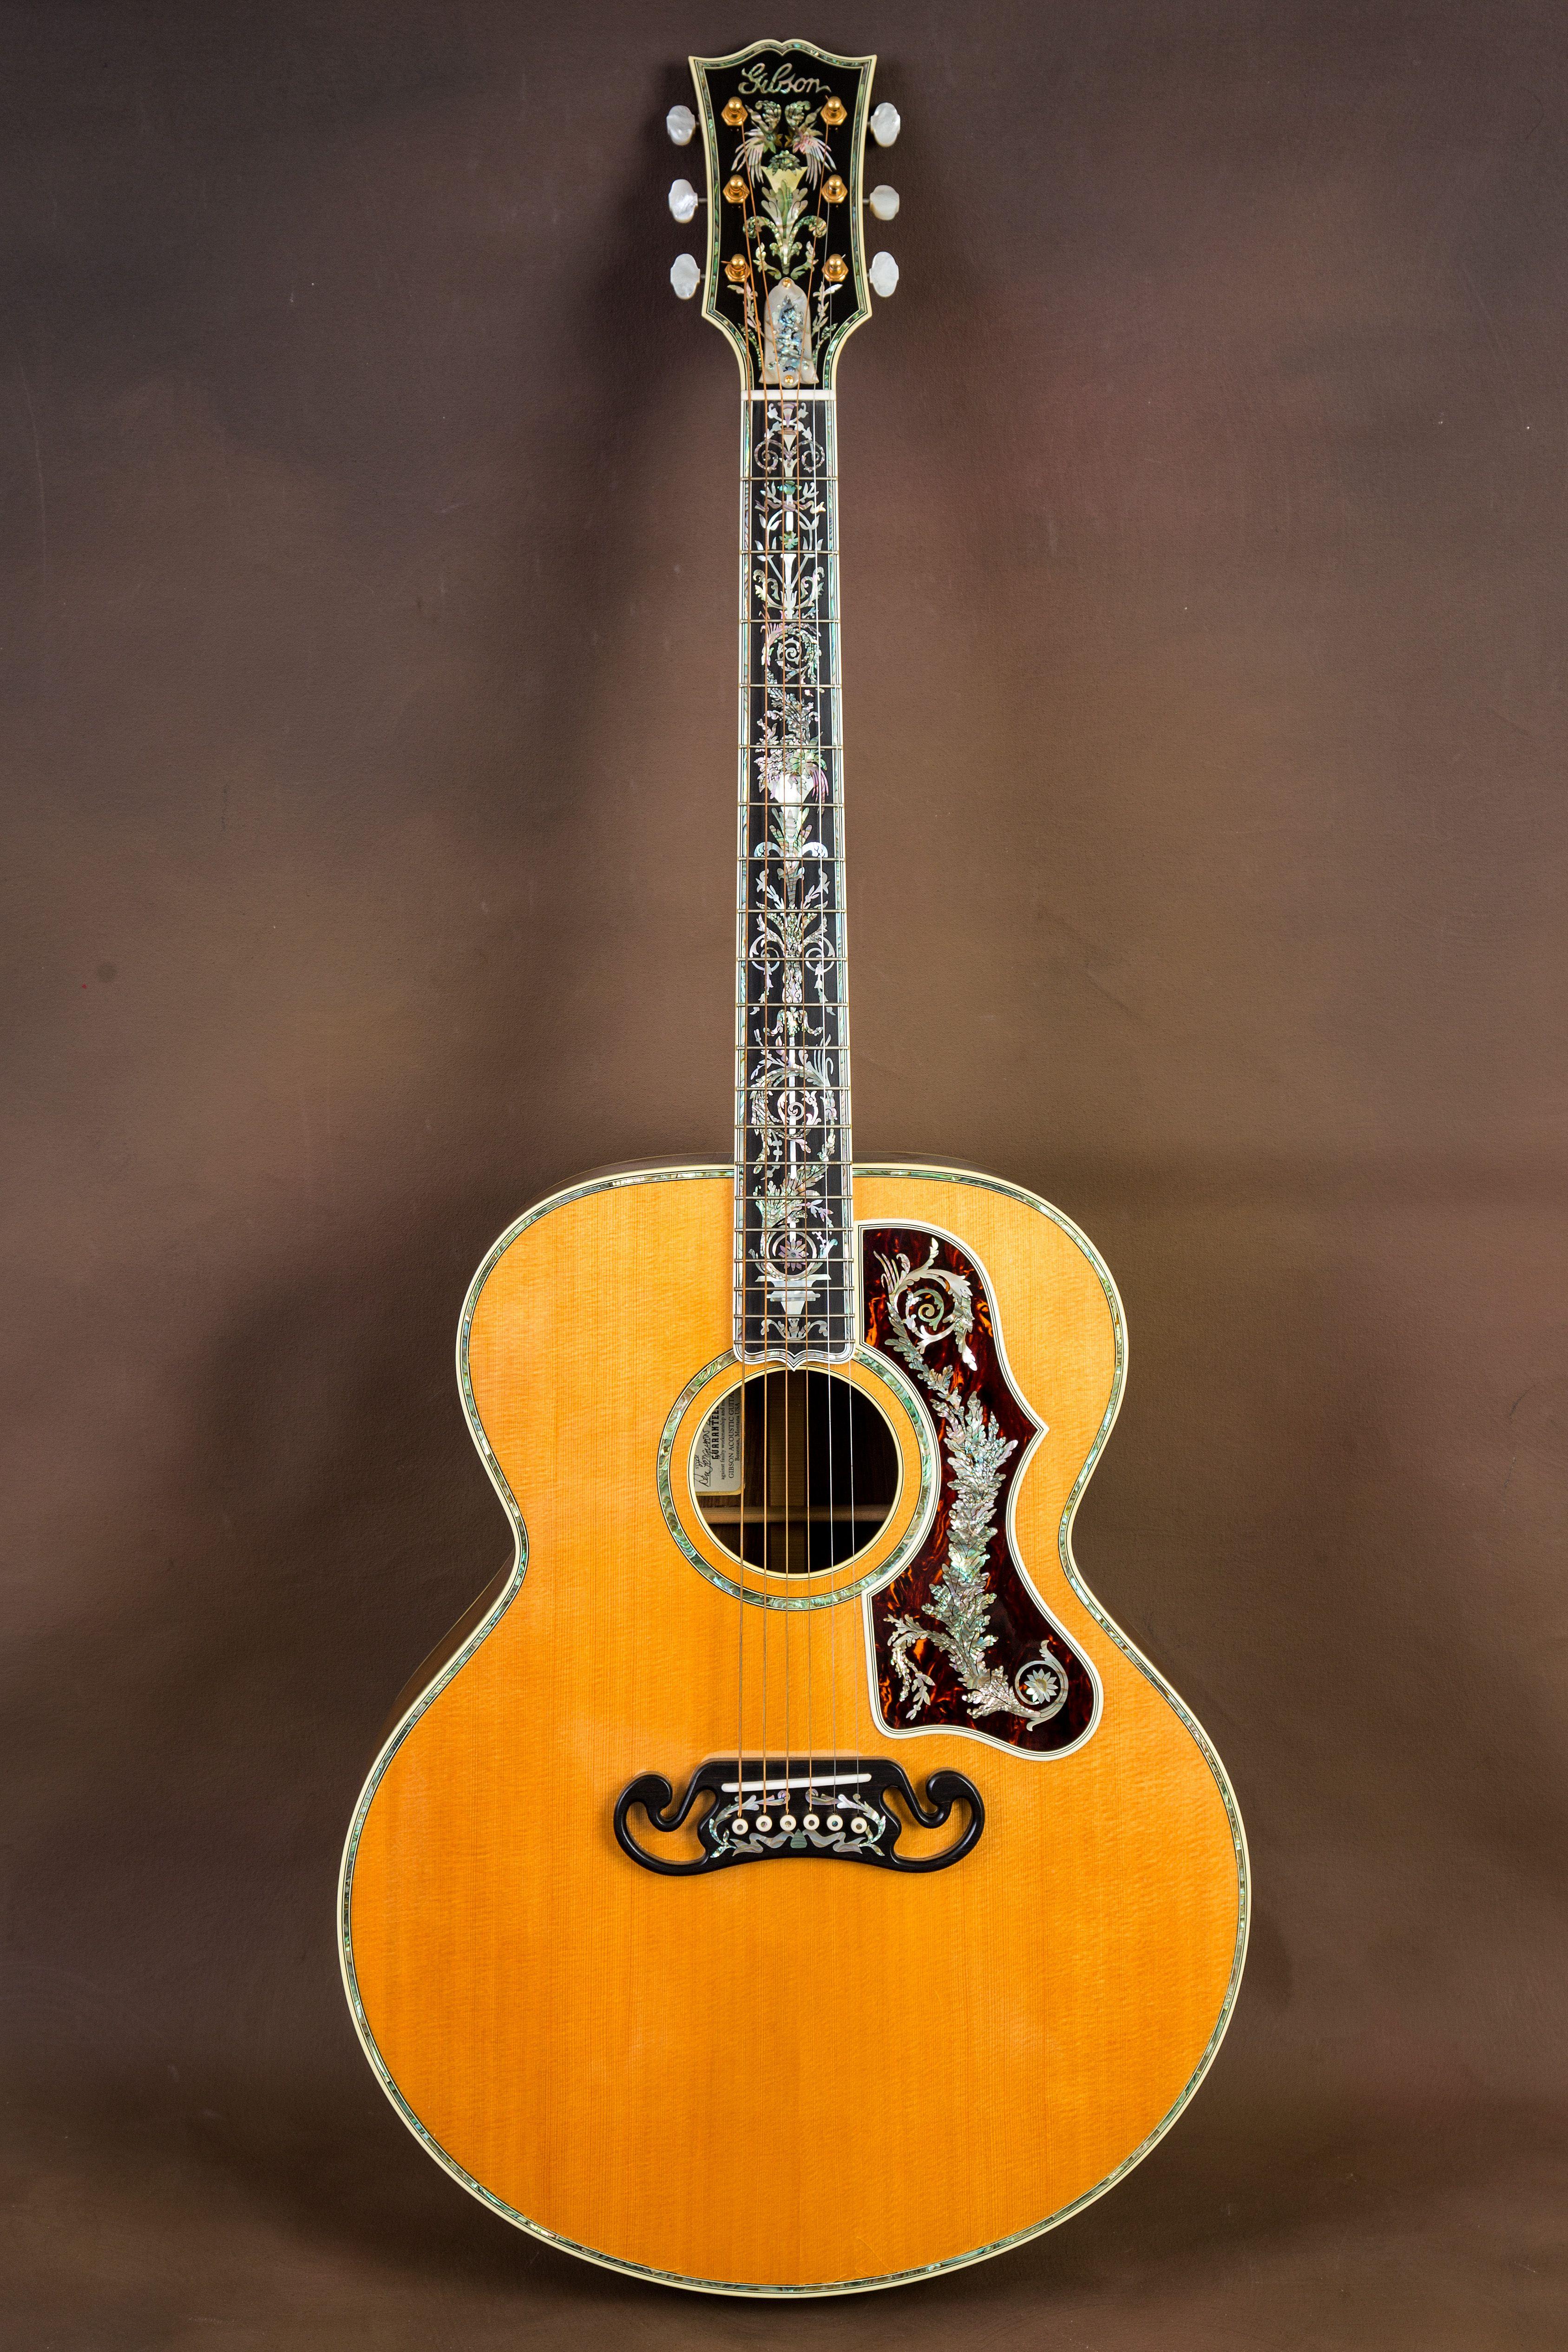 20150405 2k2a0794 Guitar 6 Jpg 3 375 5 062 Pixels Guitarras Instrumentos Musica